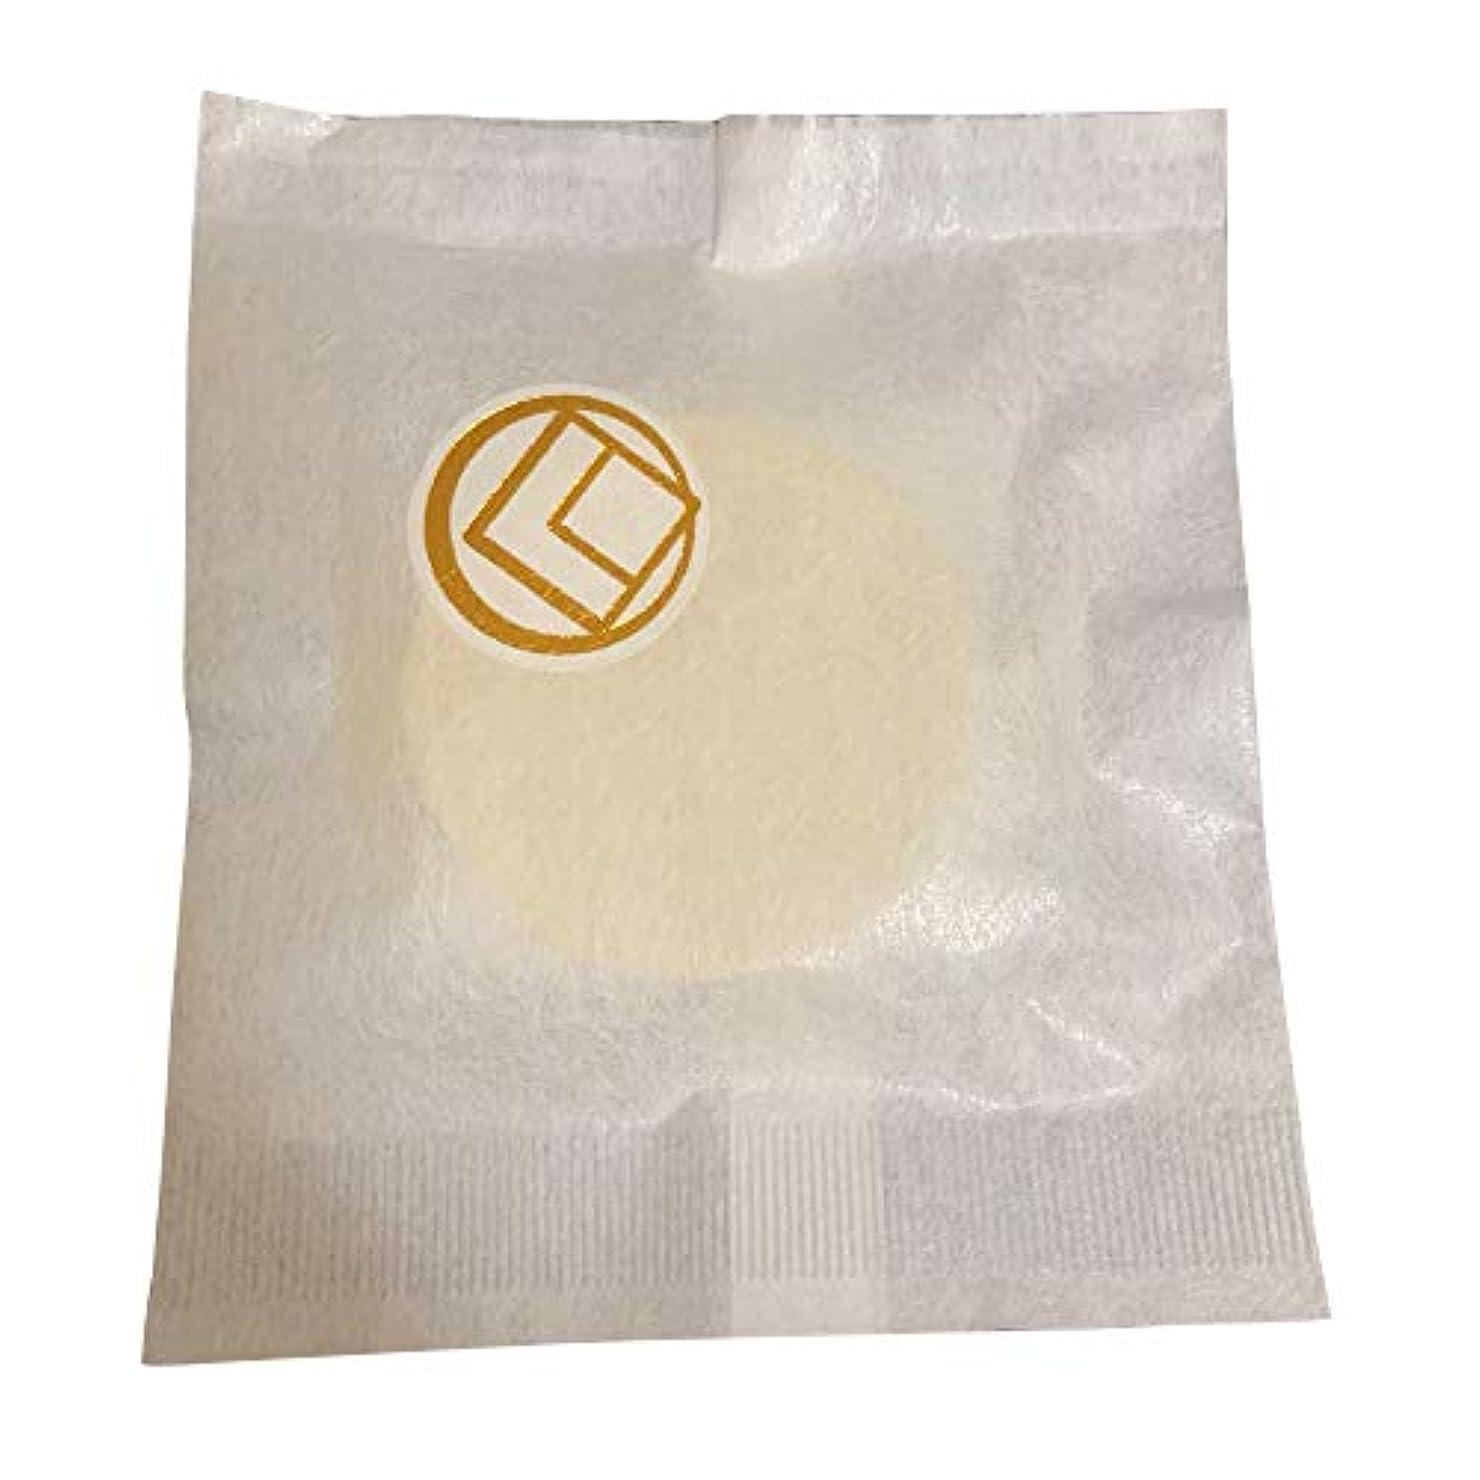 キリン存在使用法【肌断食専用】美塩(うつくしお)メイク落とし石鹸